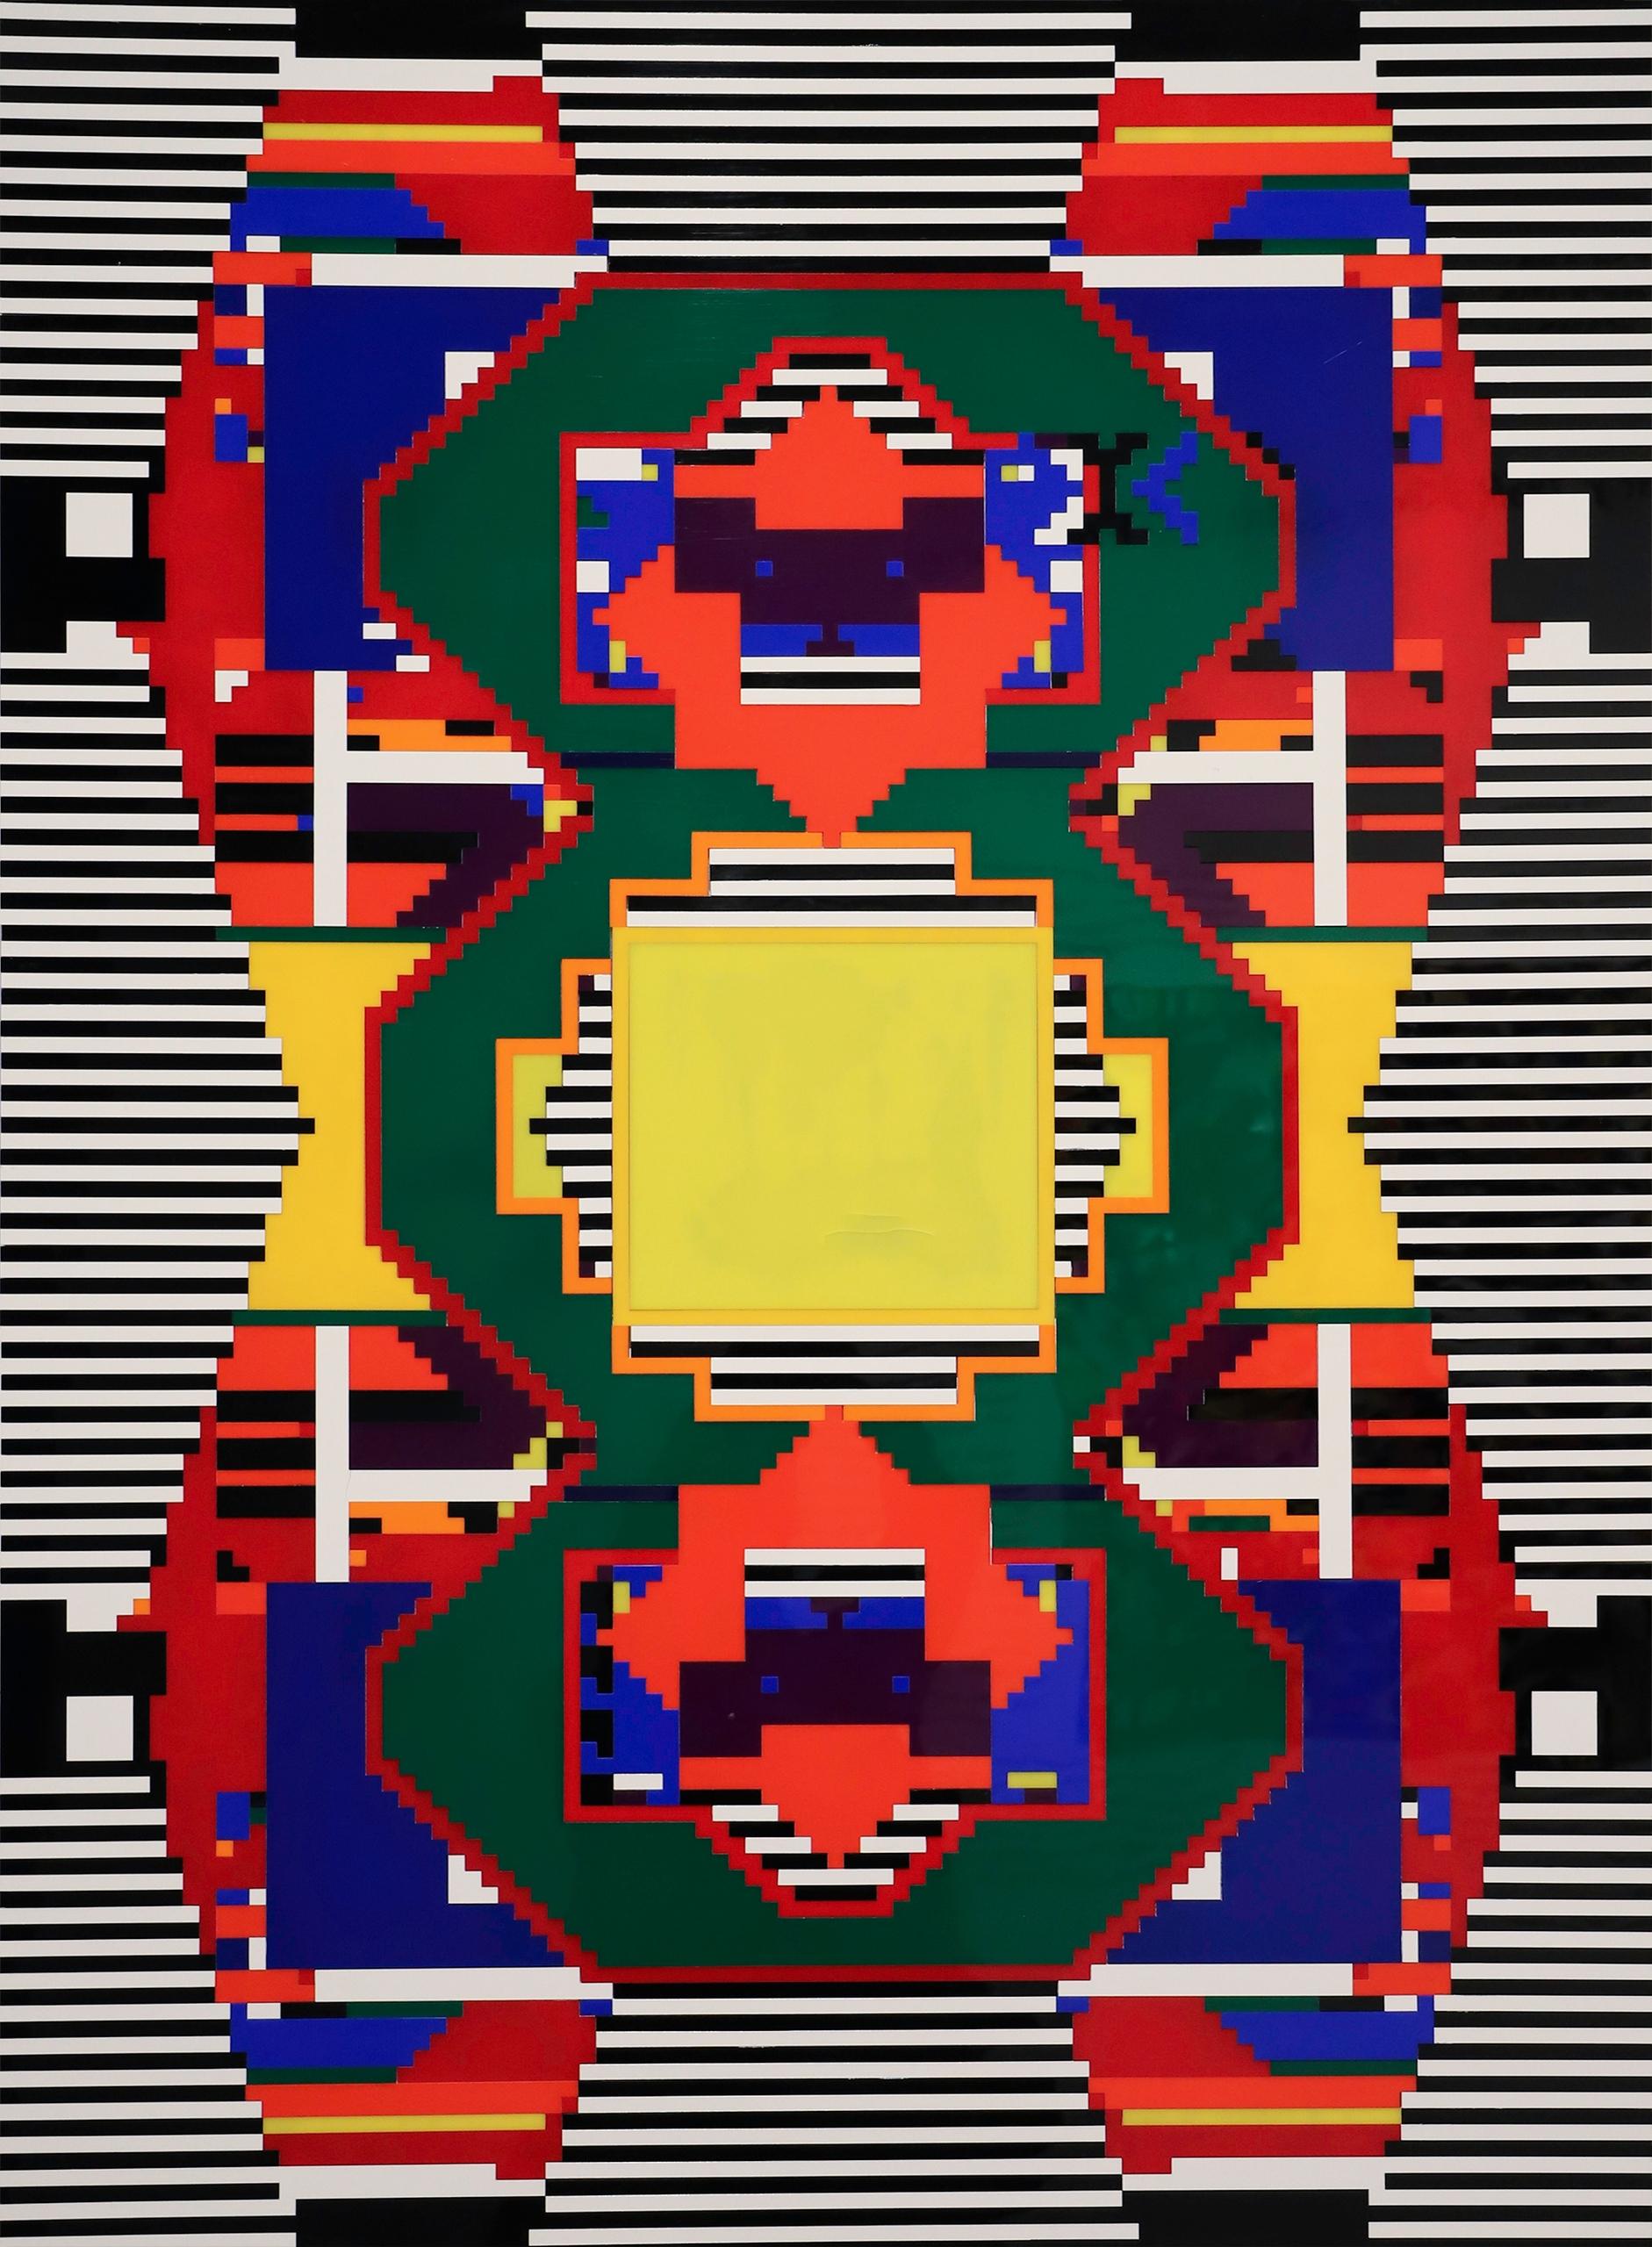 Zdjęcie przedstawia kolorowe graficzne kształty.